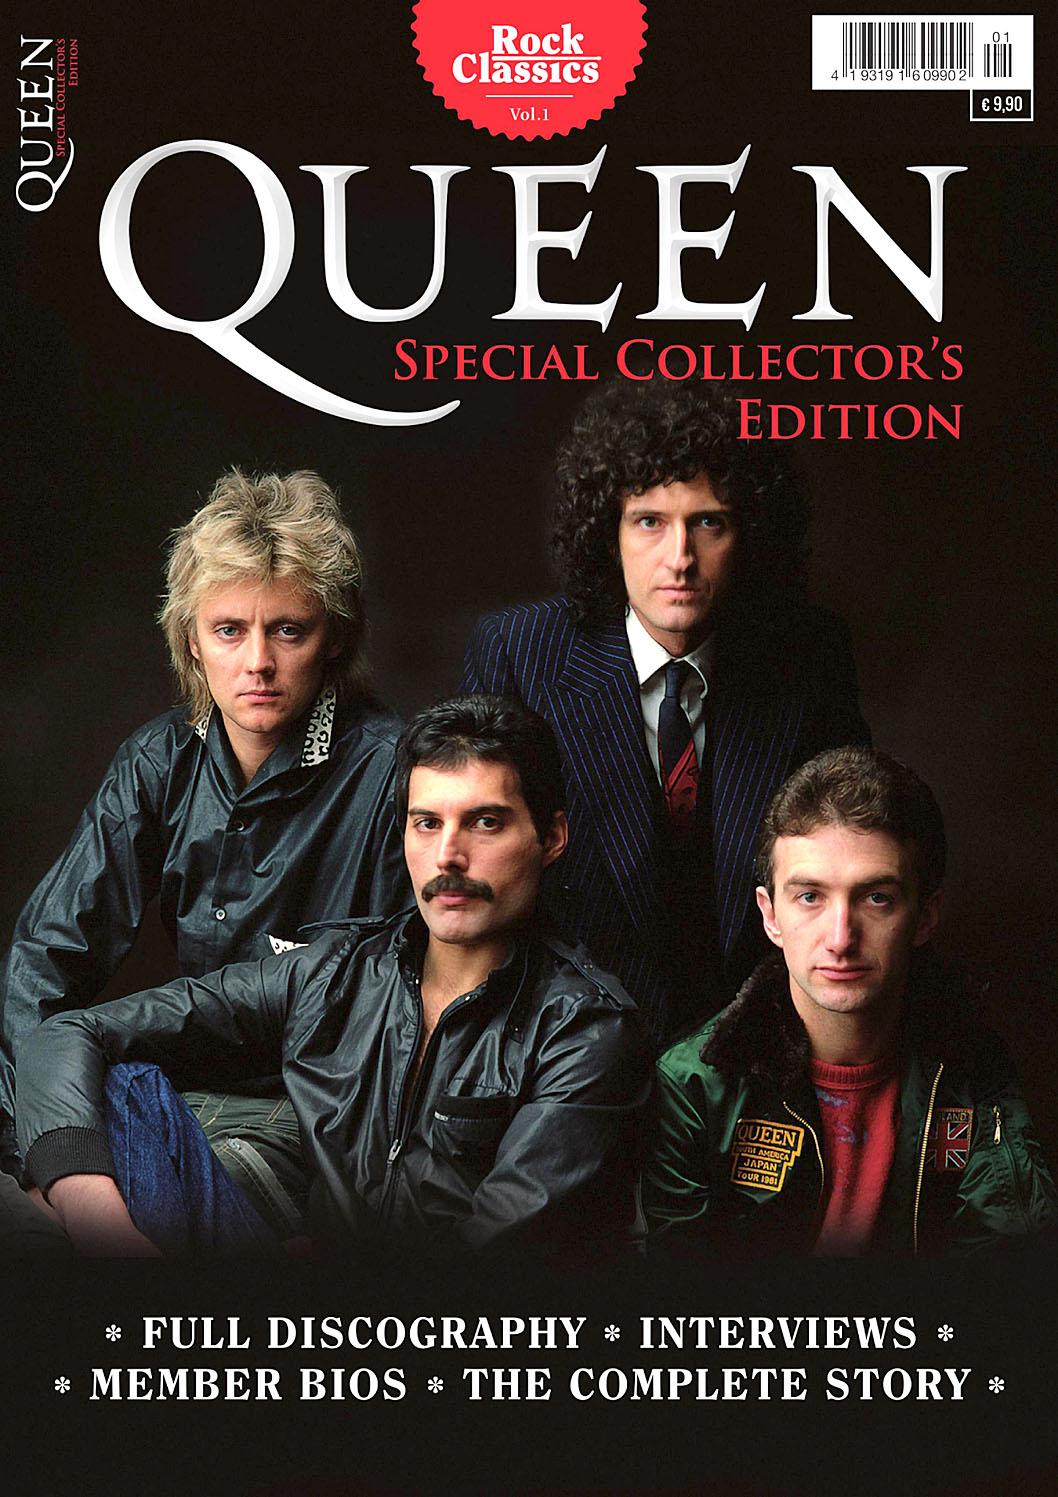 Rock Classics 01 - Queen 2020.jpg